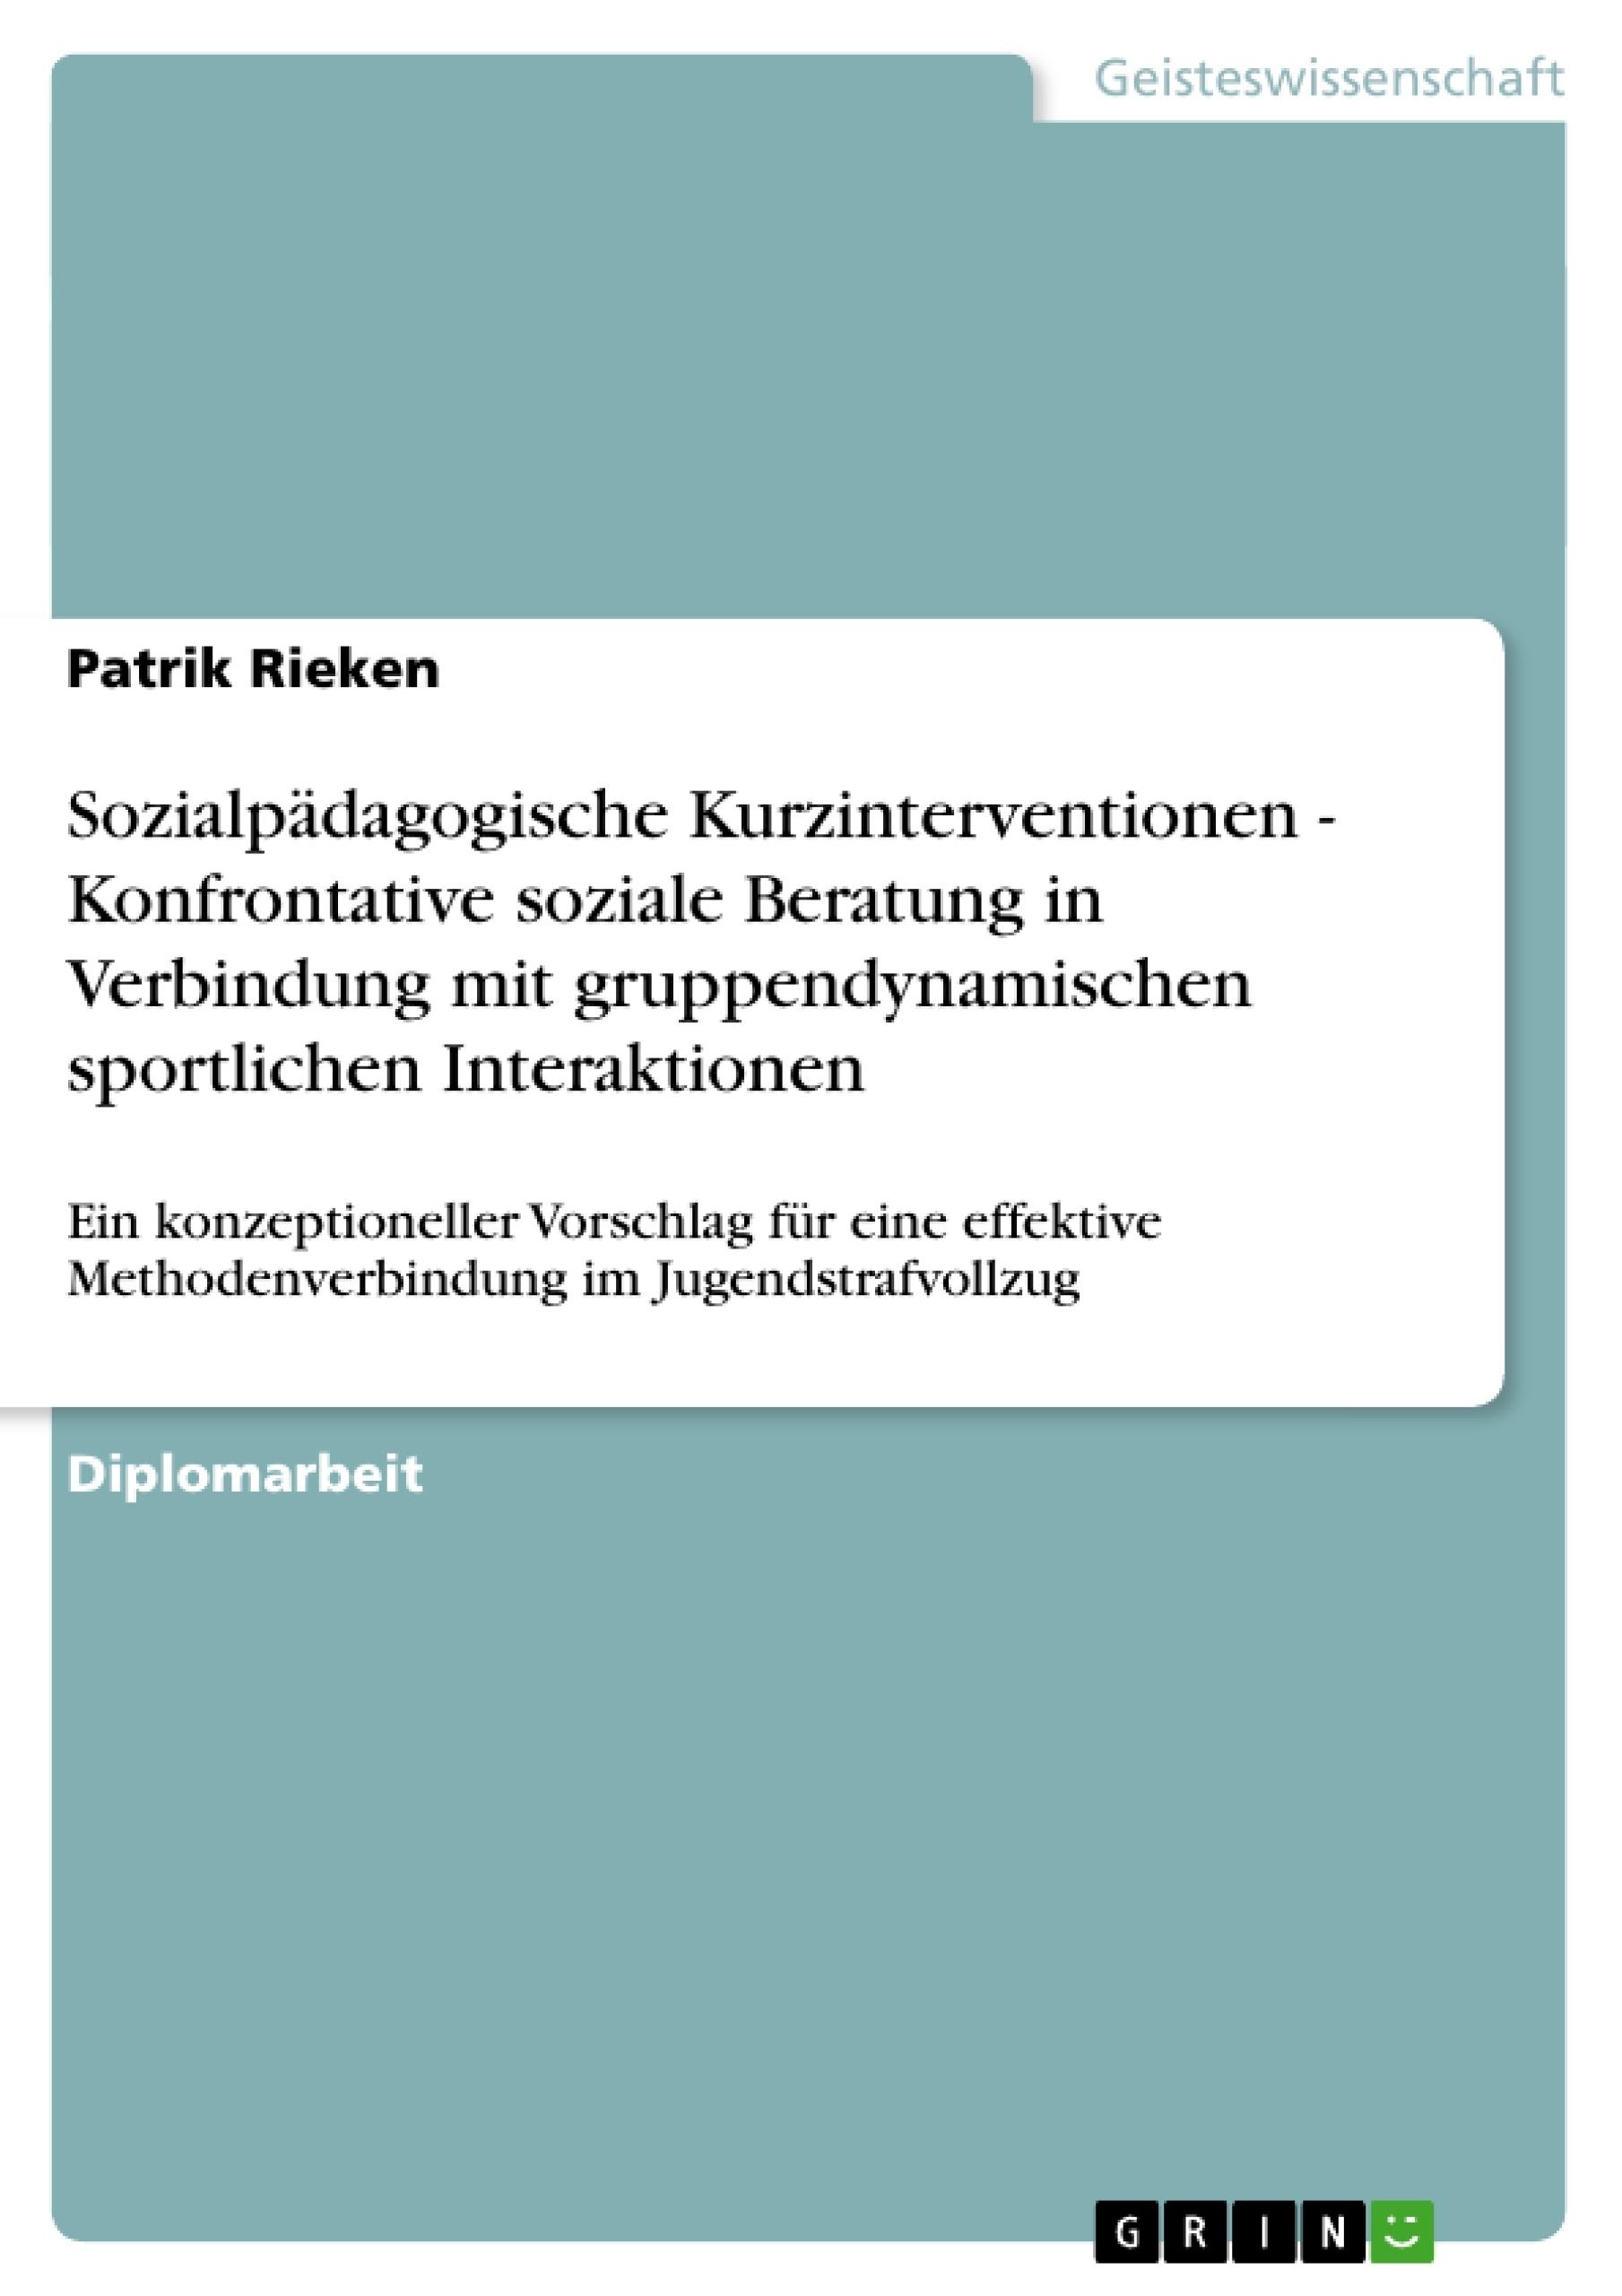 Titel: Sozialpädagogische Kurzinterventionen - Konfrontative soziale Beratung in  Verbindung mit gruppendynamischen sportlichen Interaktionen